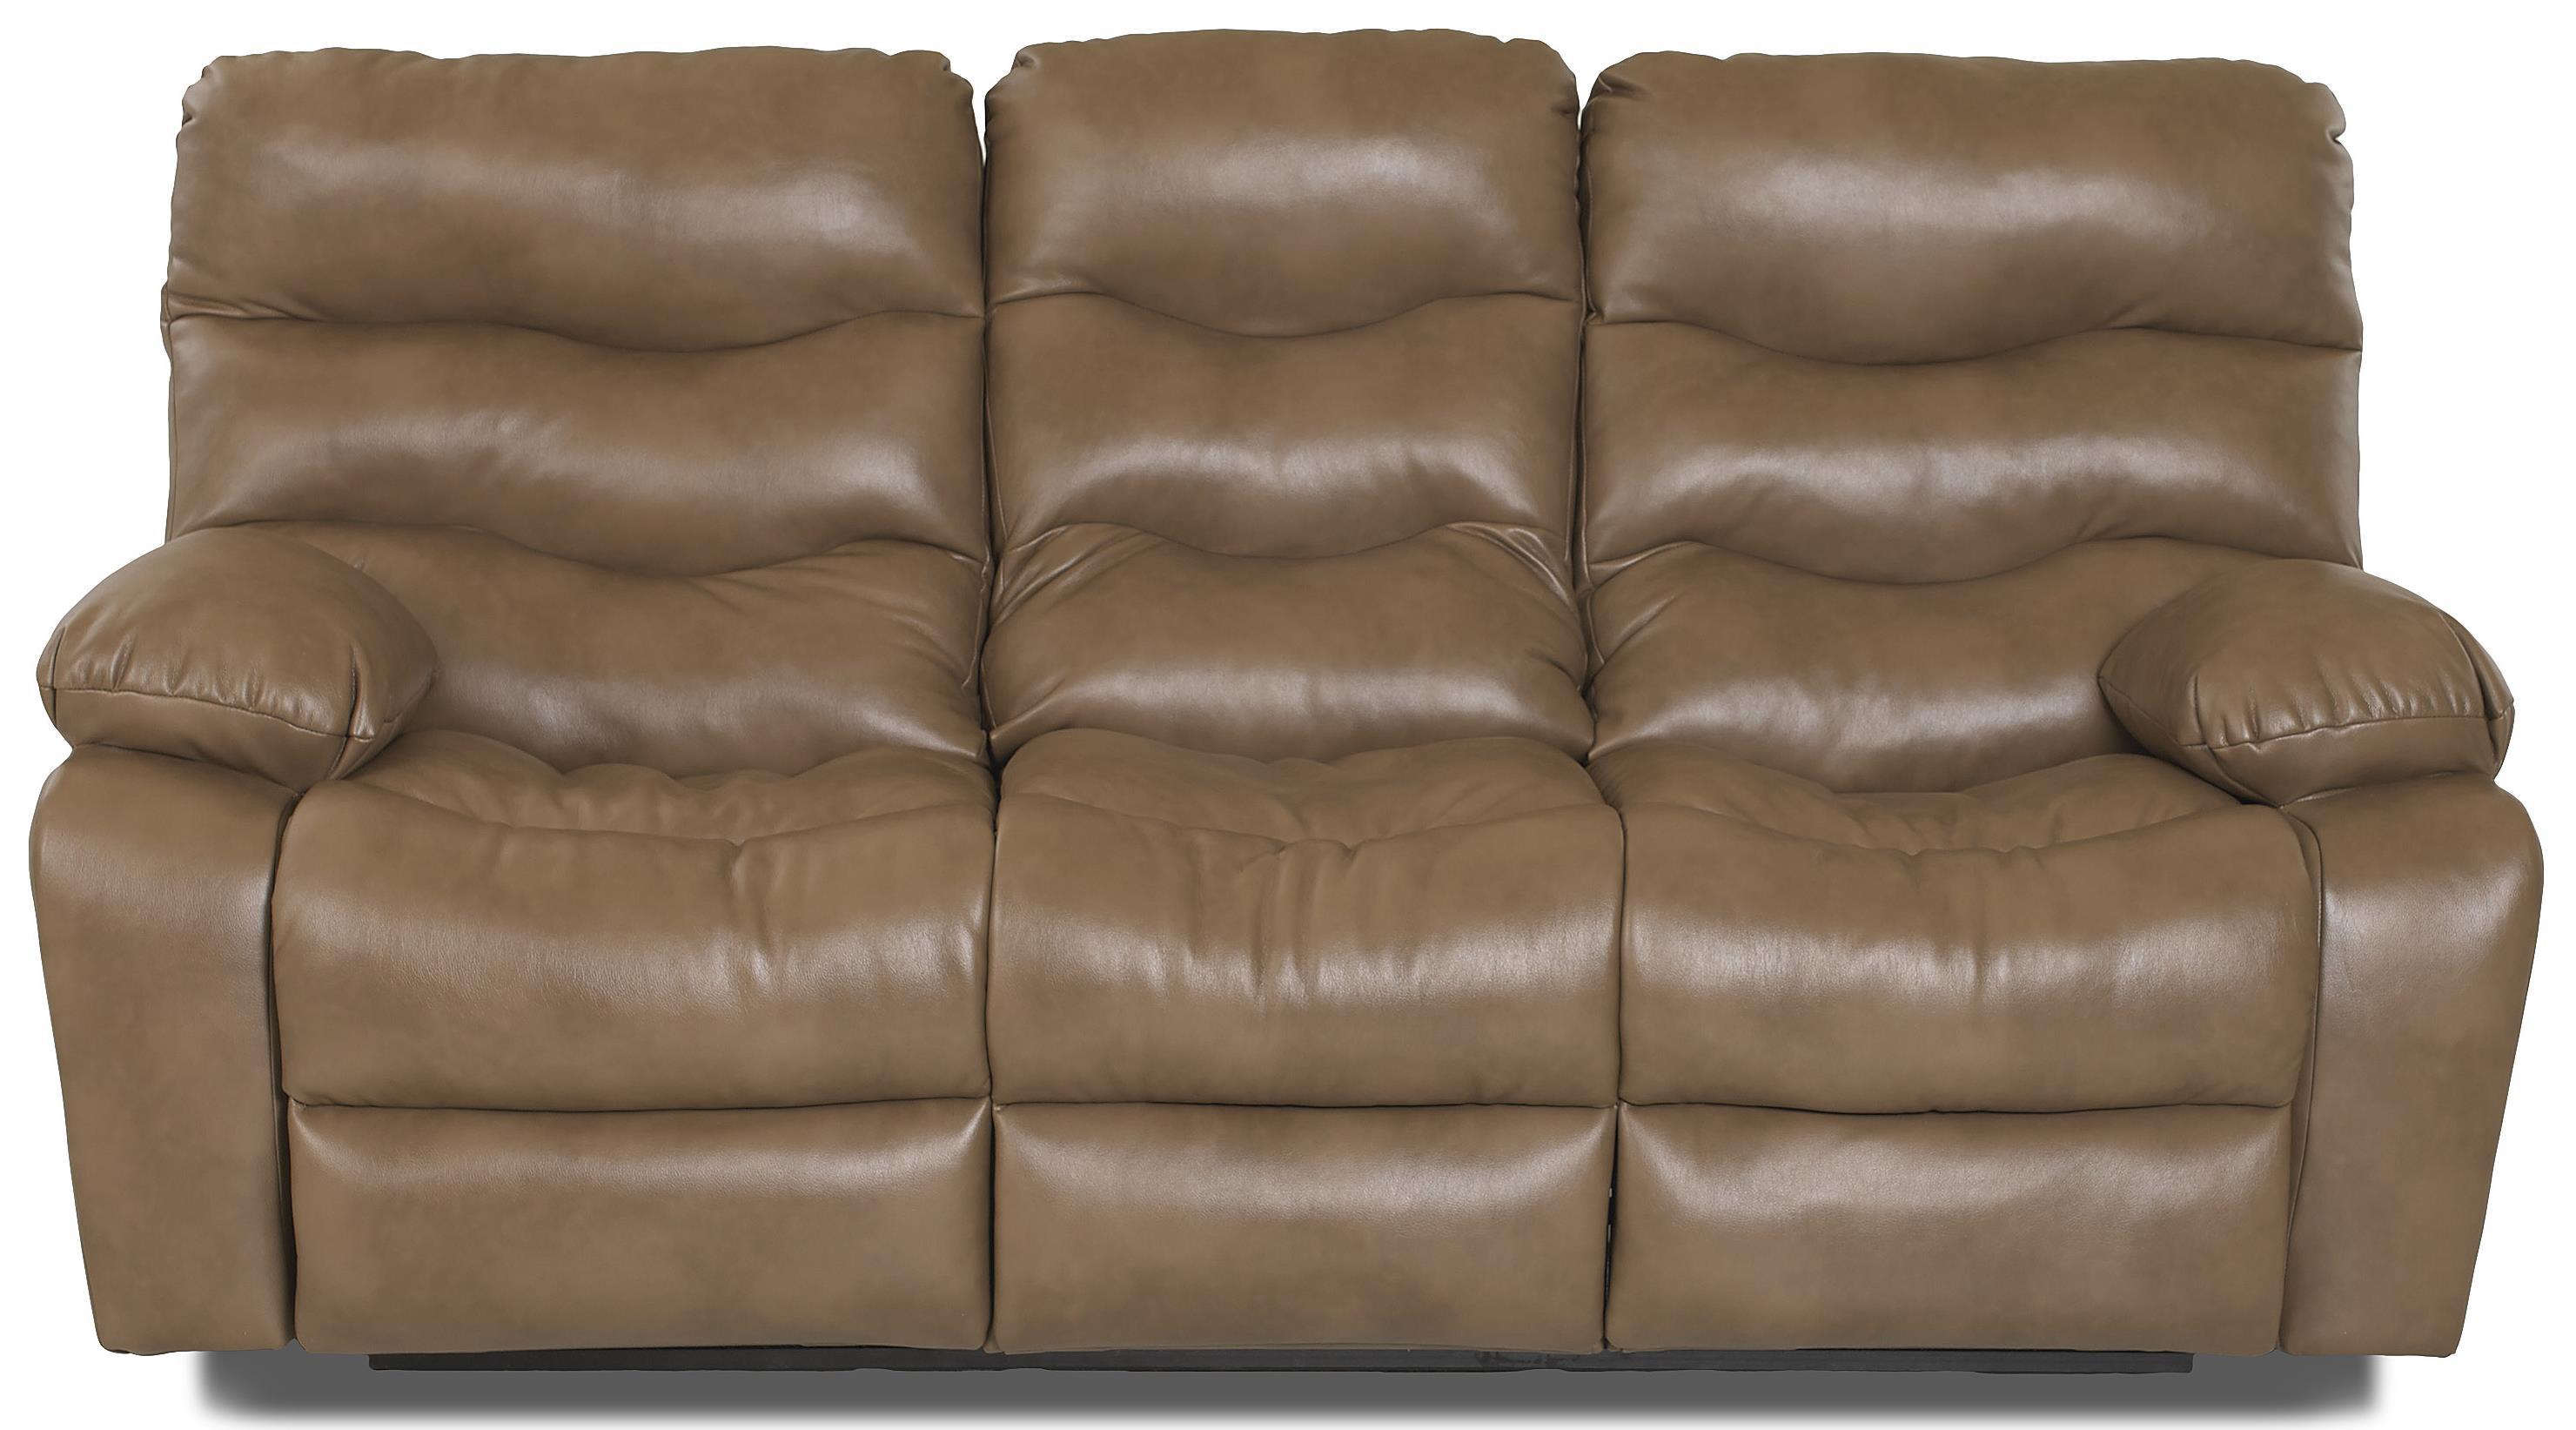 Klaussner Hercules Reclining Sofa - Item Number: 27403 RS-JupiterWalnut